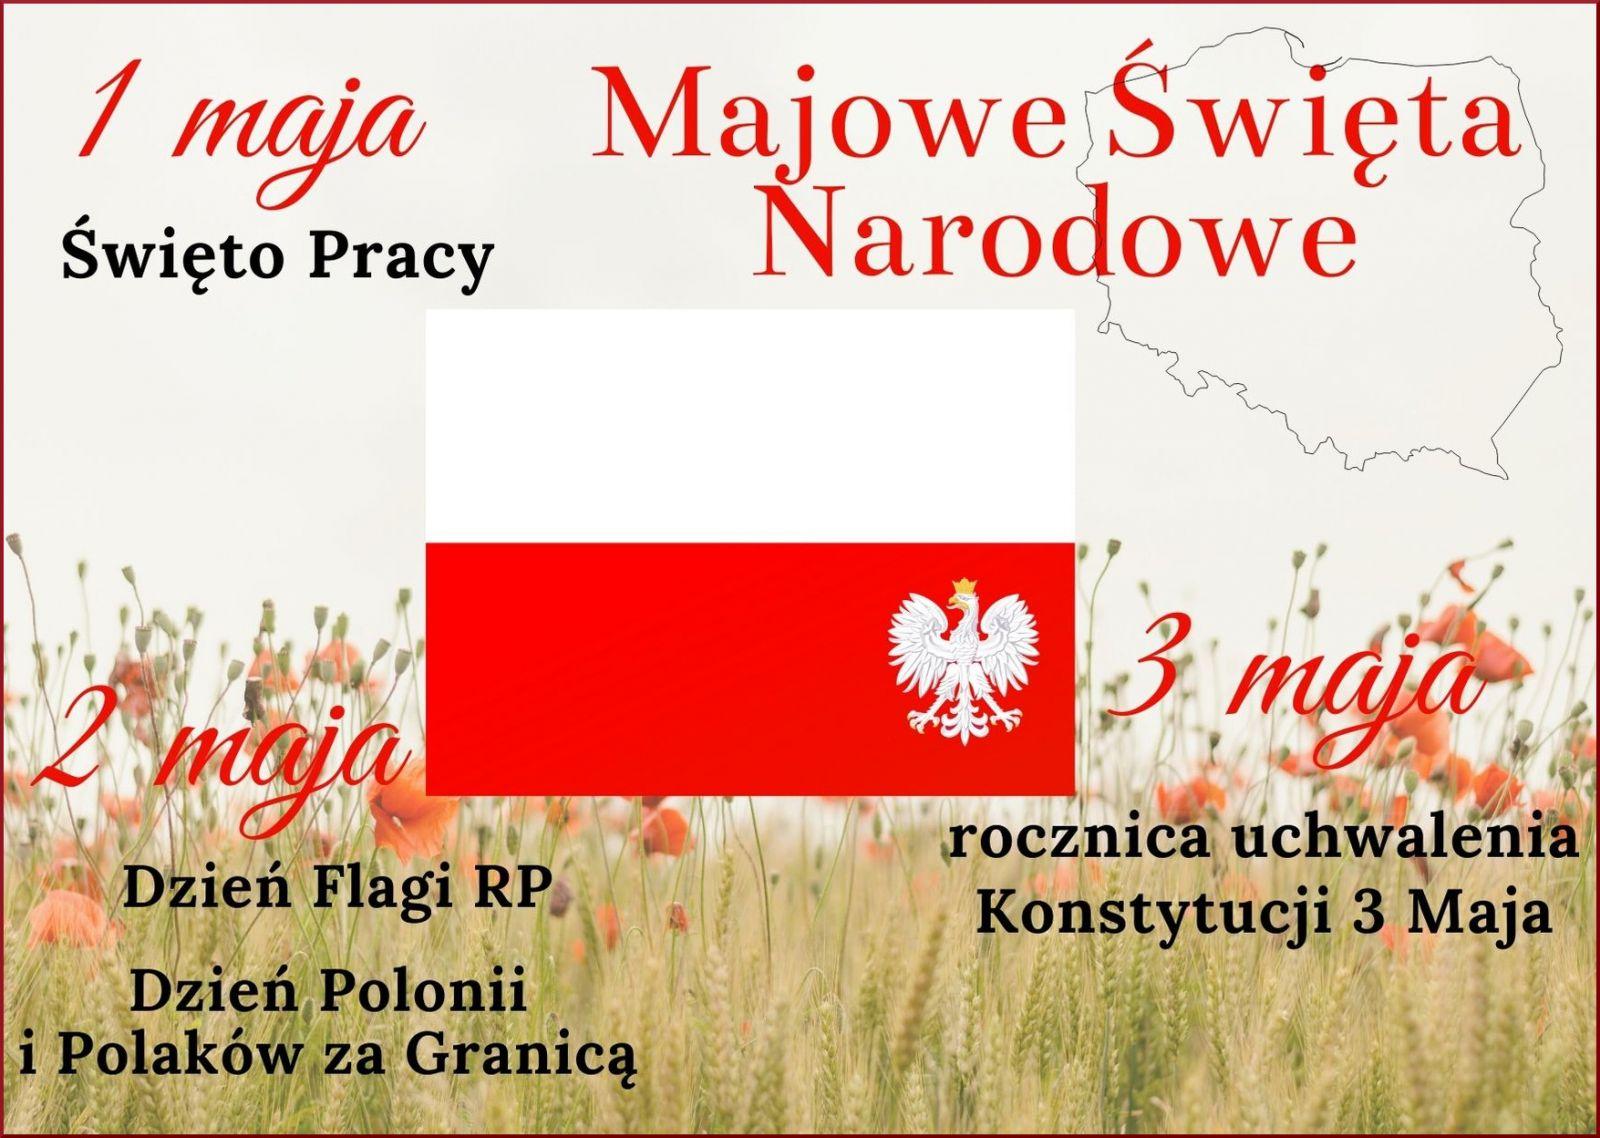 Zdjęcie plakatu informującego o majowych świętach narodowych 1 maja (Święto Pracy), 2 maja (Dzień Flagi, Dzień Polonii i Polaków za Granicą), 3 maja (rocznica uchwalenia Konstytucji 3 Maja).